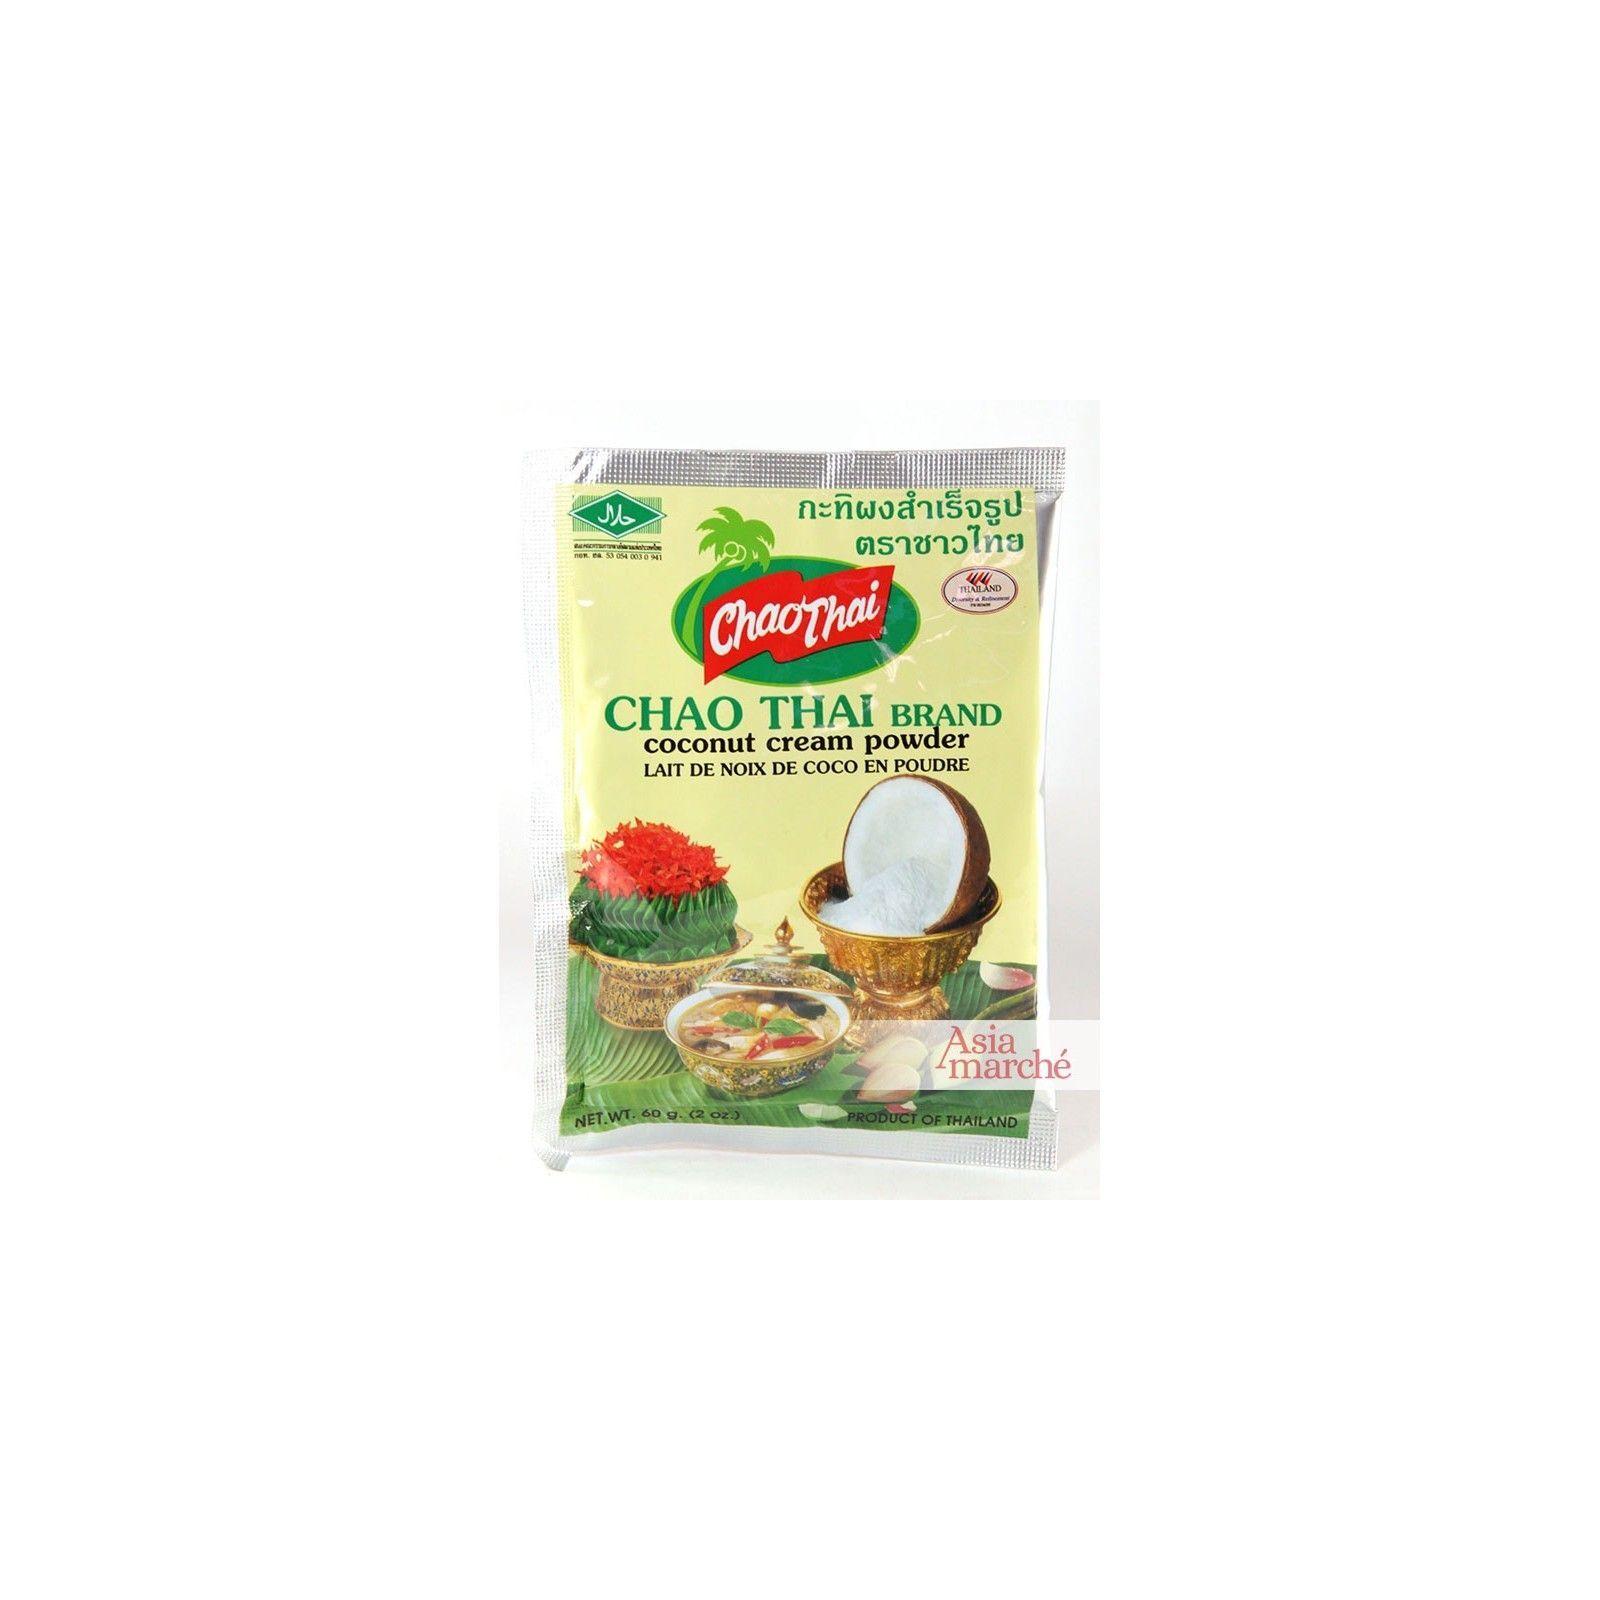 Asia Marché Lait de coco en poudre 60g Chao Thai